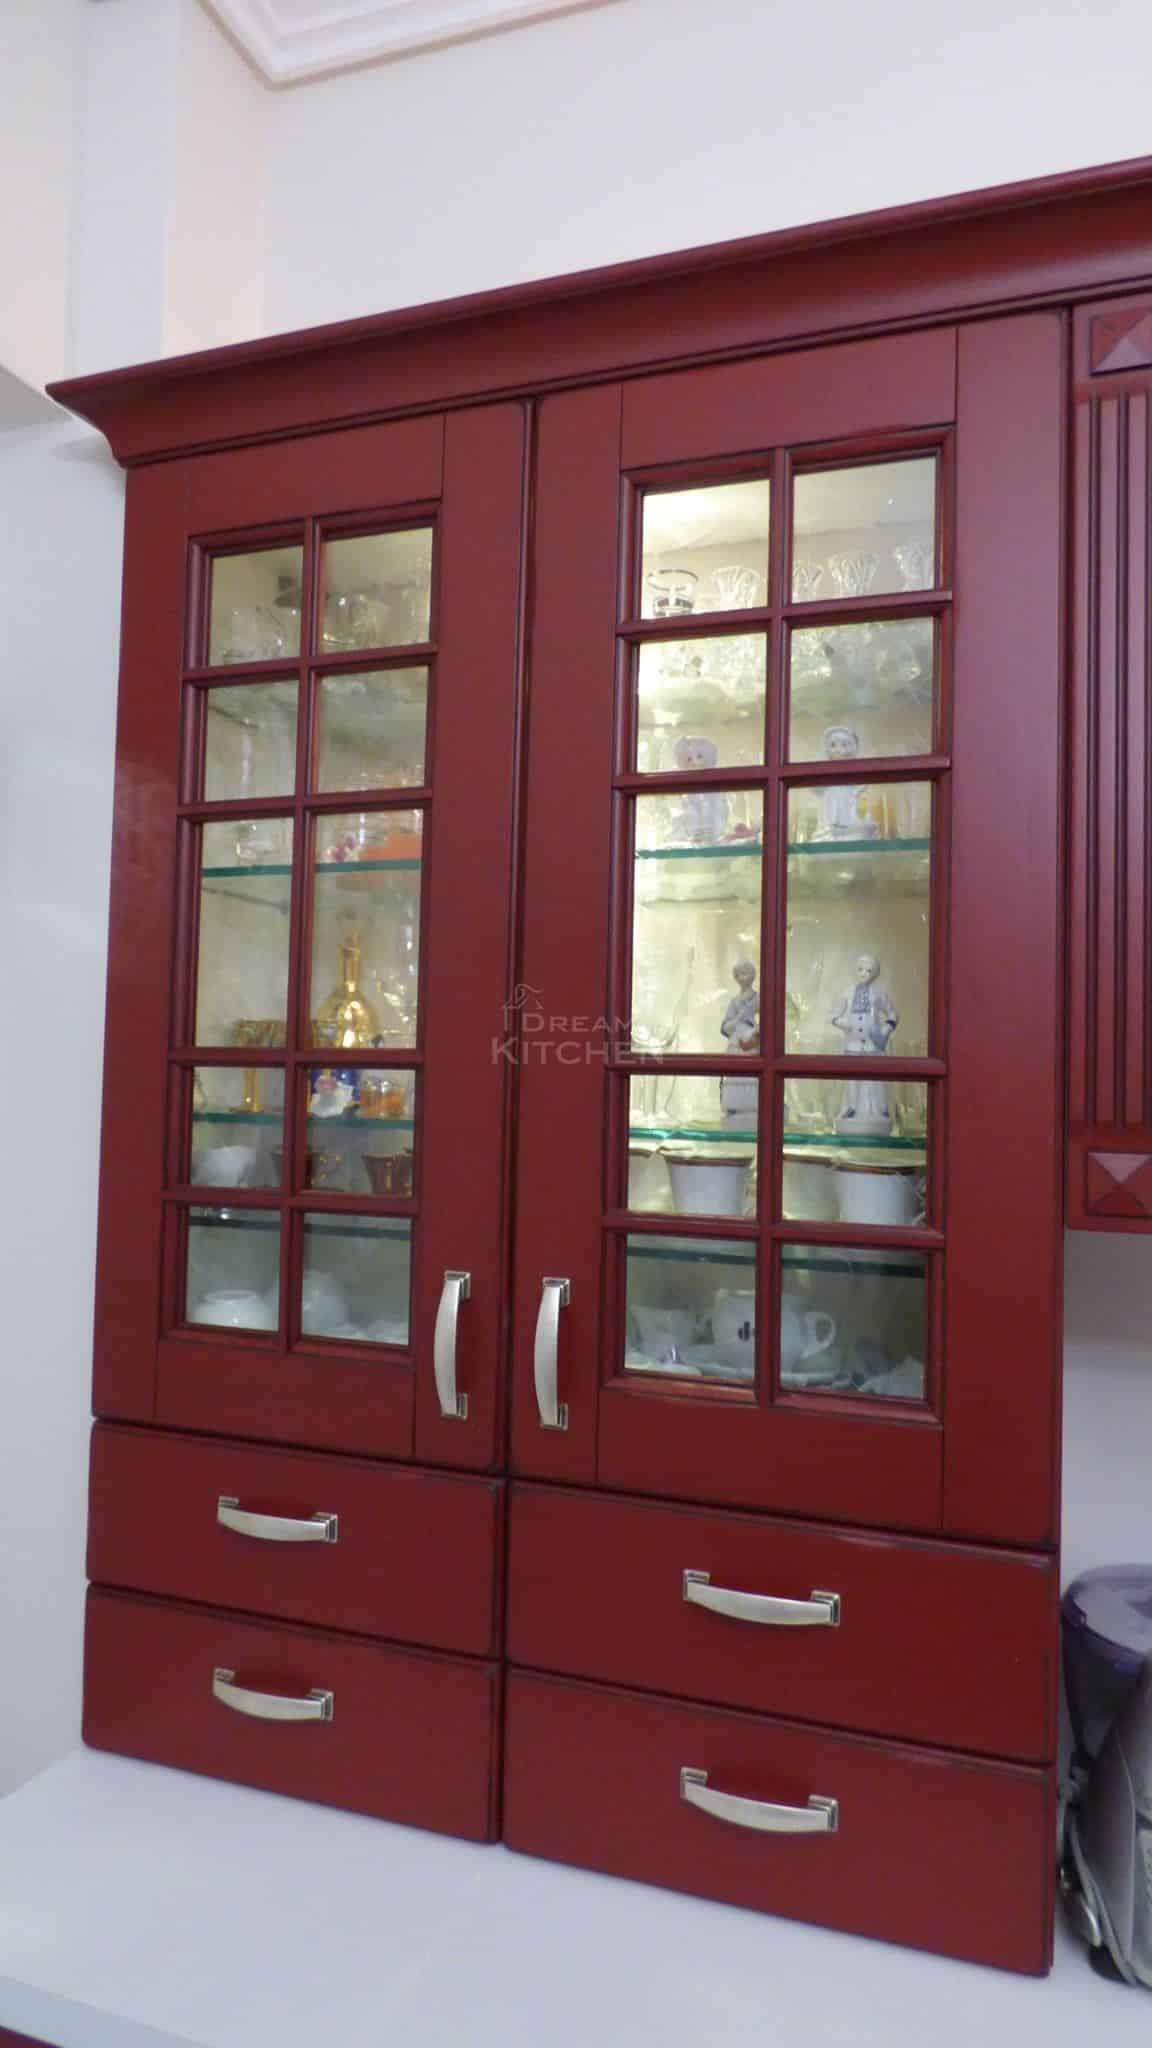 Επιπλα Κουζινας Μασιφ Eva Bordeaux China Patinato 18